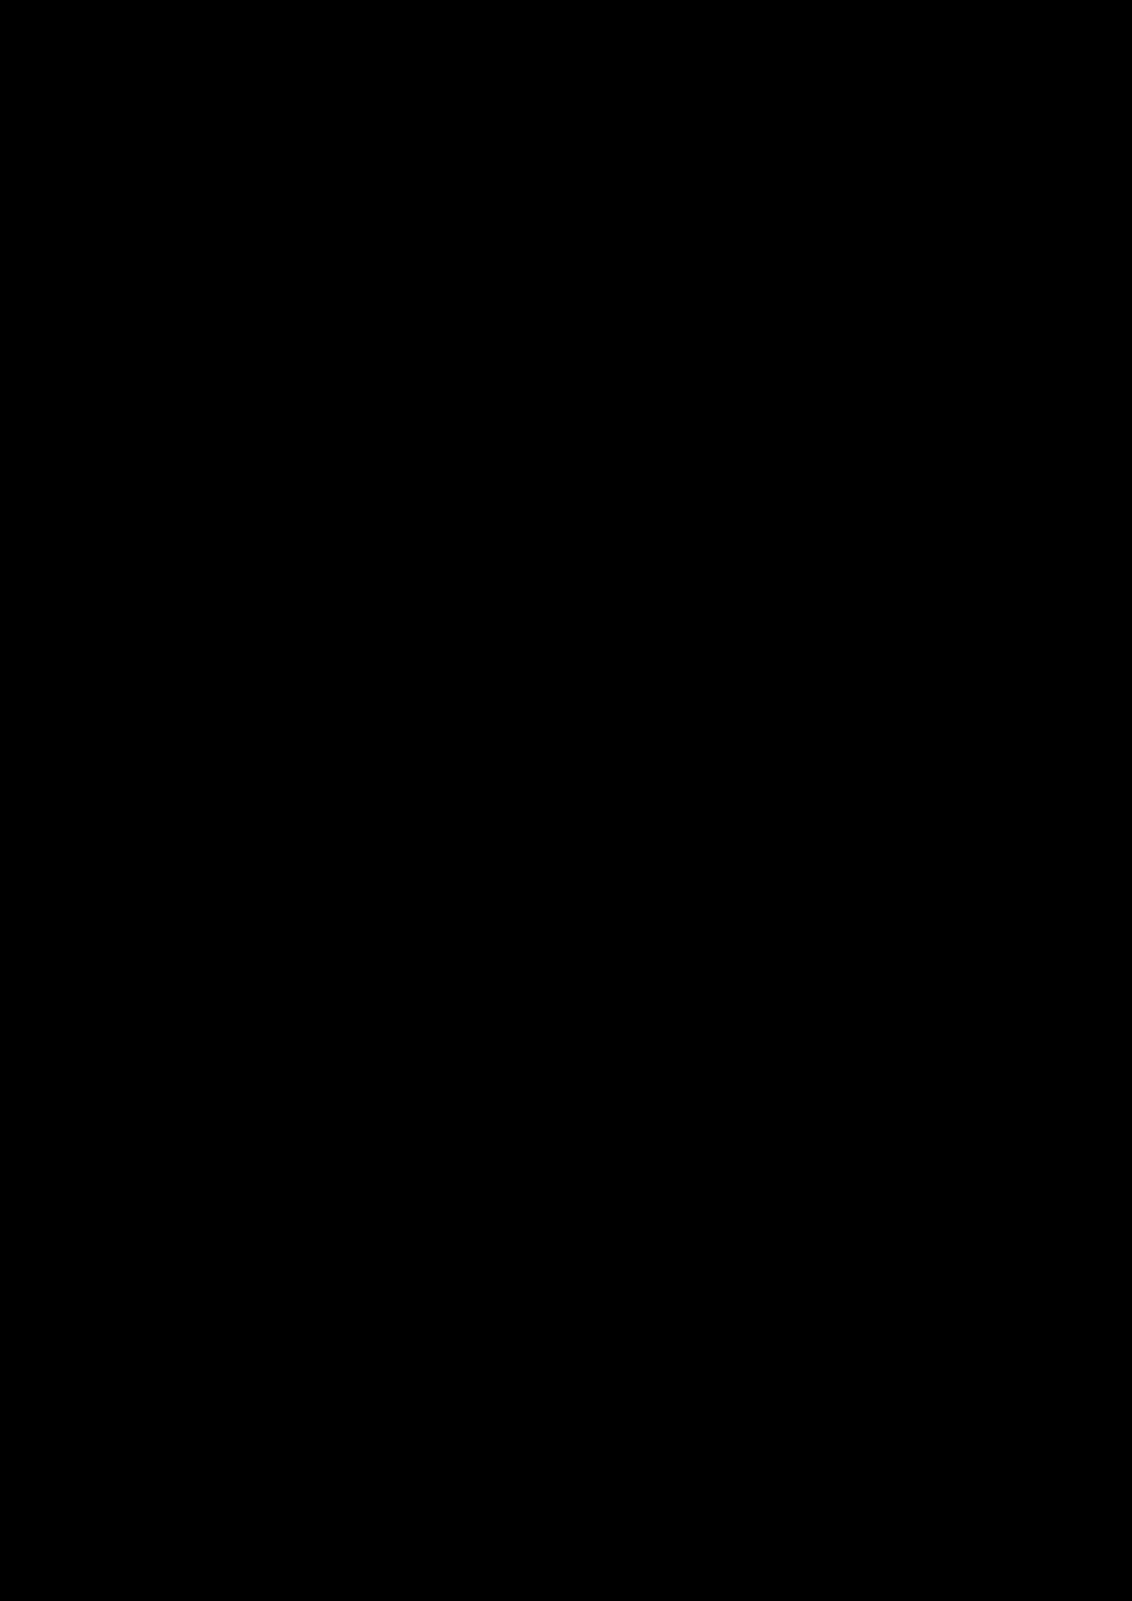 Proschanie s volshebnoy stranoy slide, Image 70